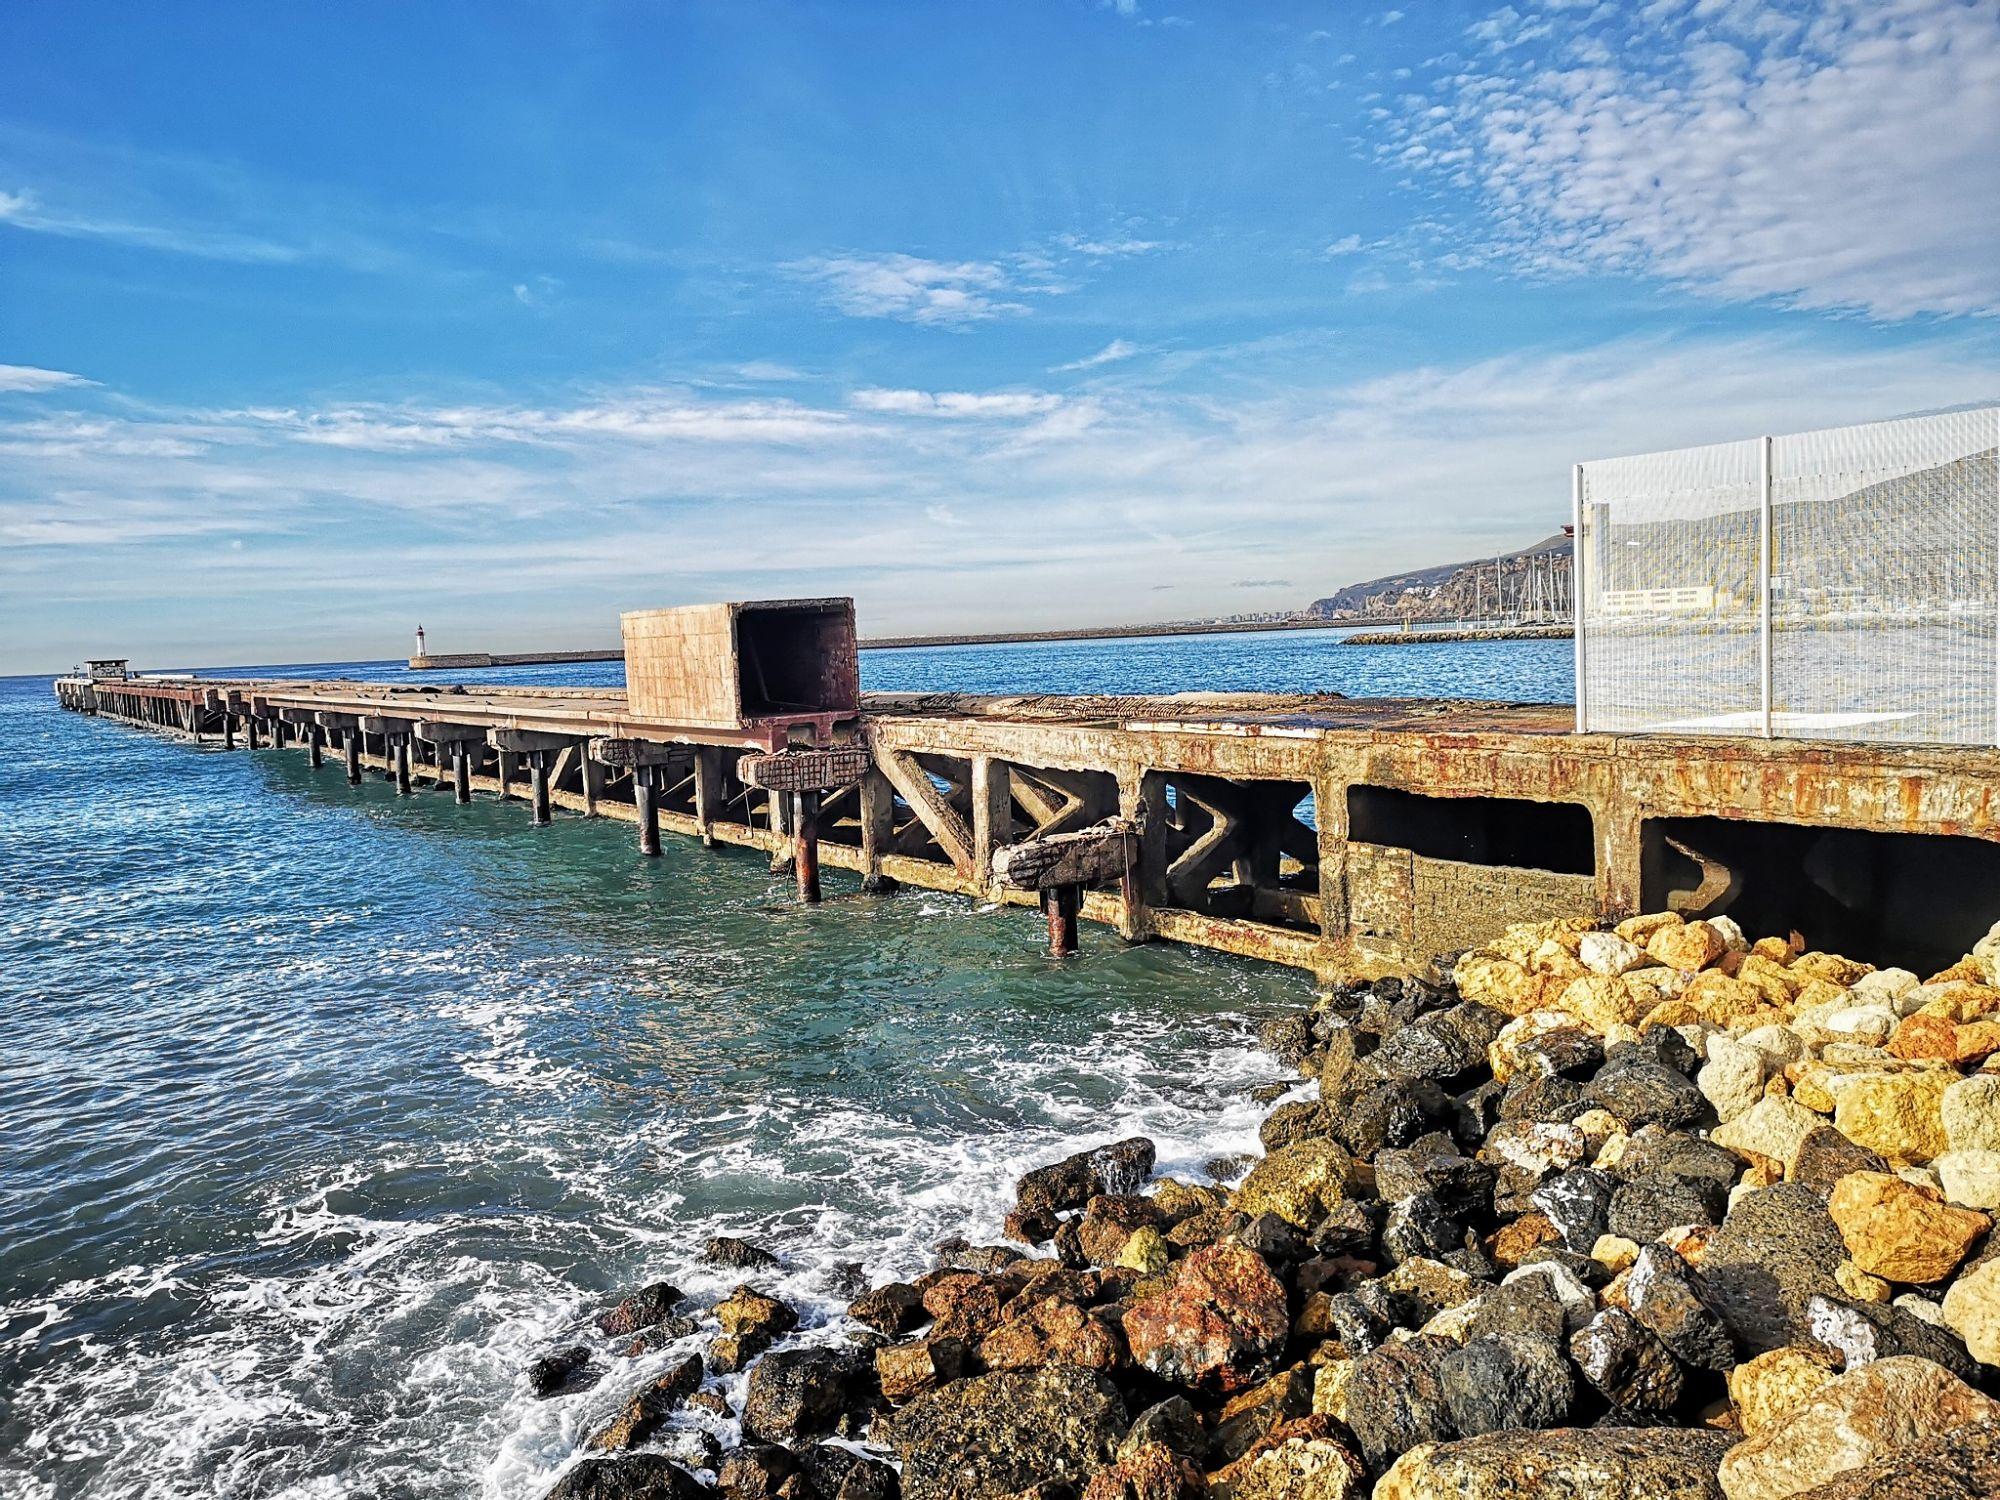 La Autoridad Portuaria de Almería licita la redacción del proyecto de ampliación del Muelle de Levante